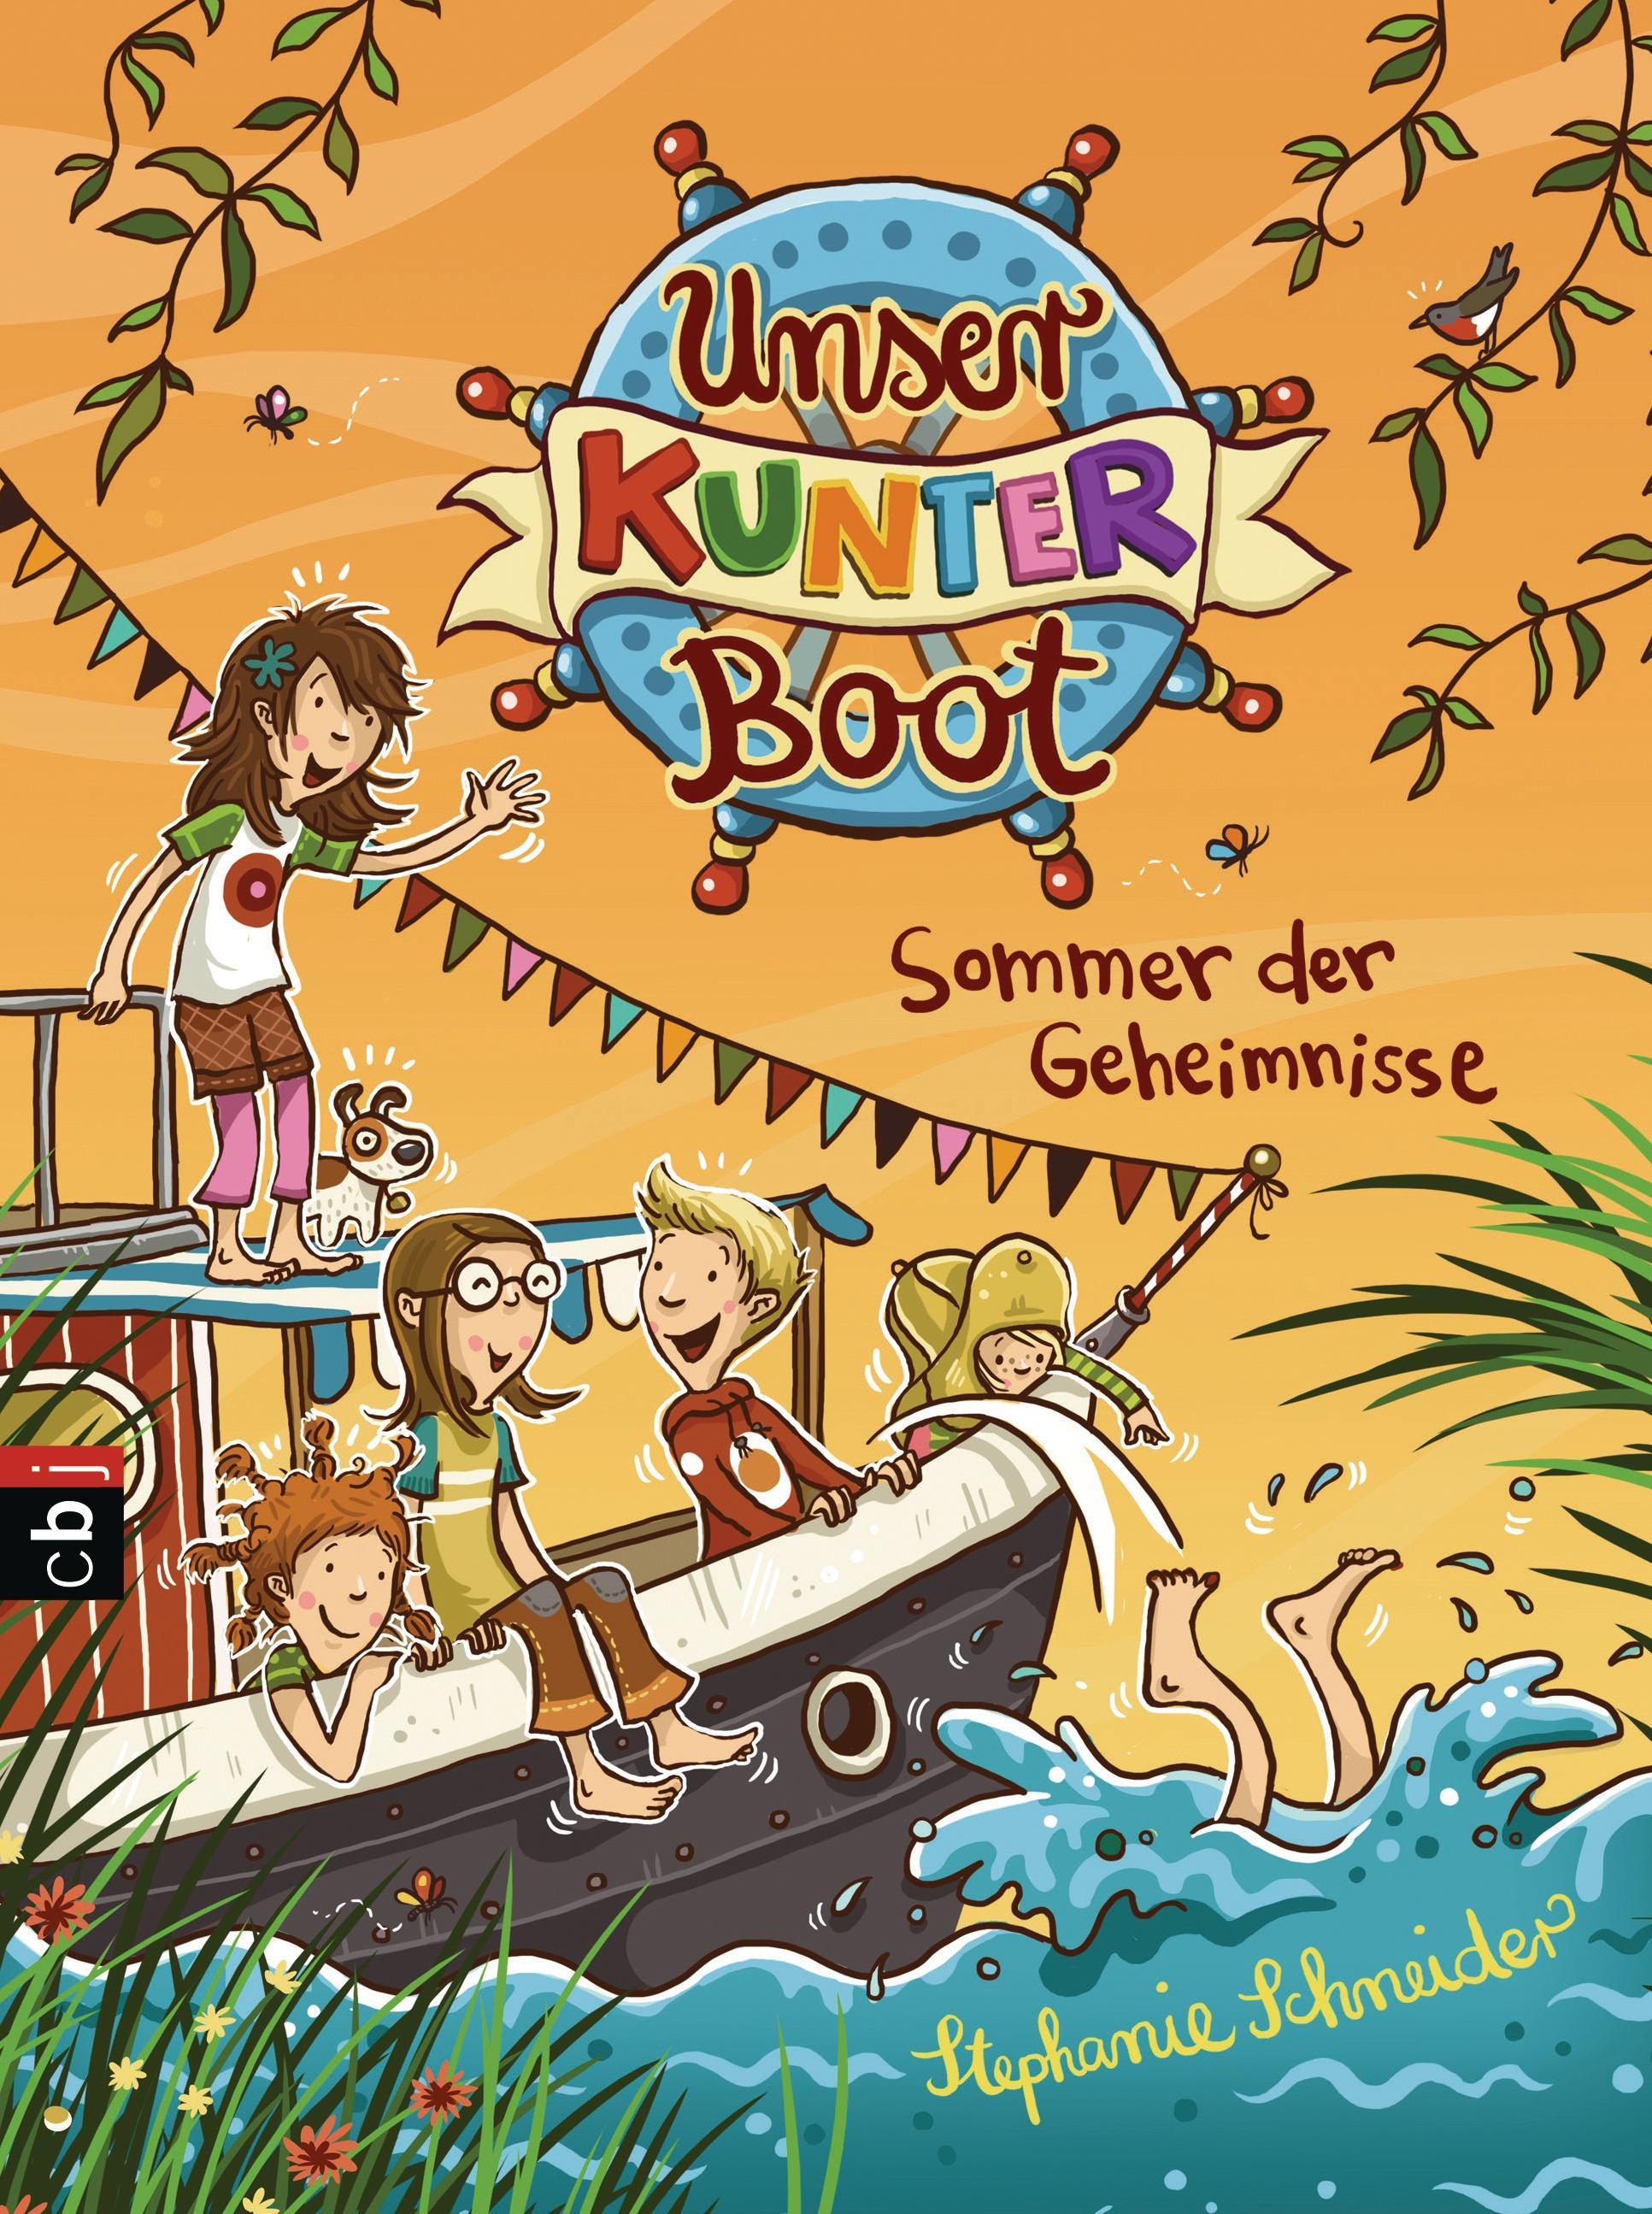 Unser-Kunterboot-Sommer-der-Geheimnisse-Stephanie-Schneider